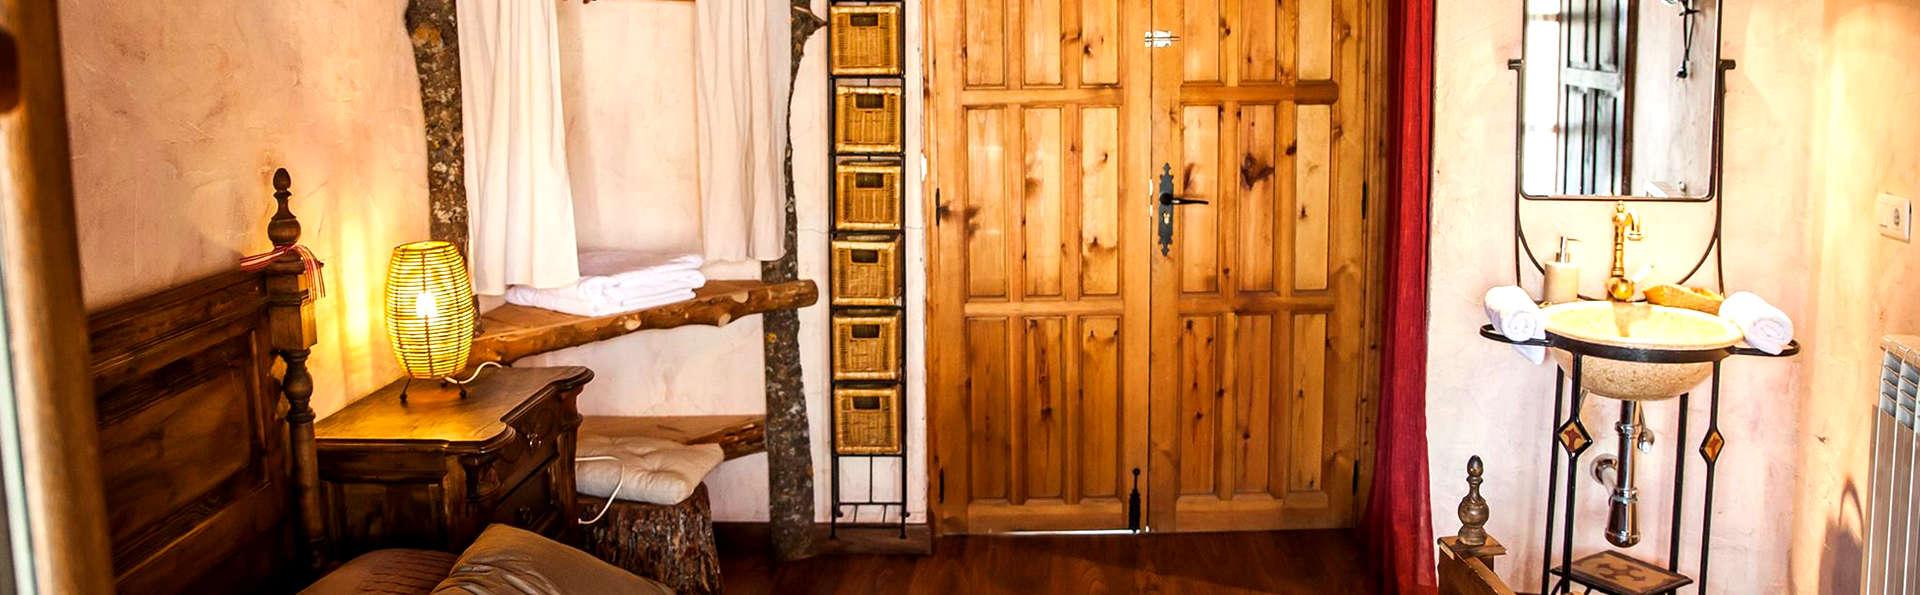 Escapade romantique avec accès au jacuzzi privé au milieu du parc naturel des Arribes